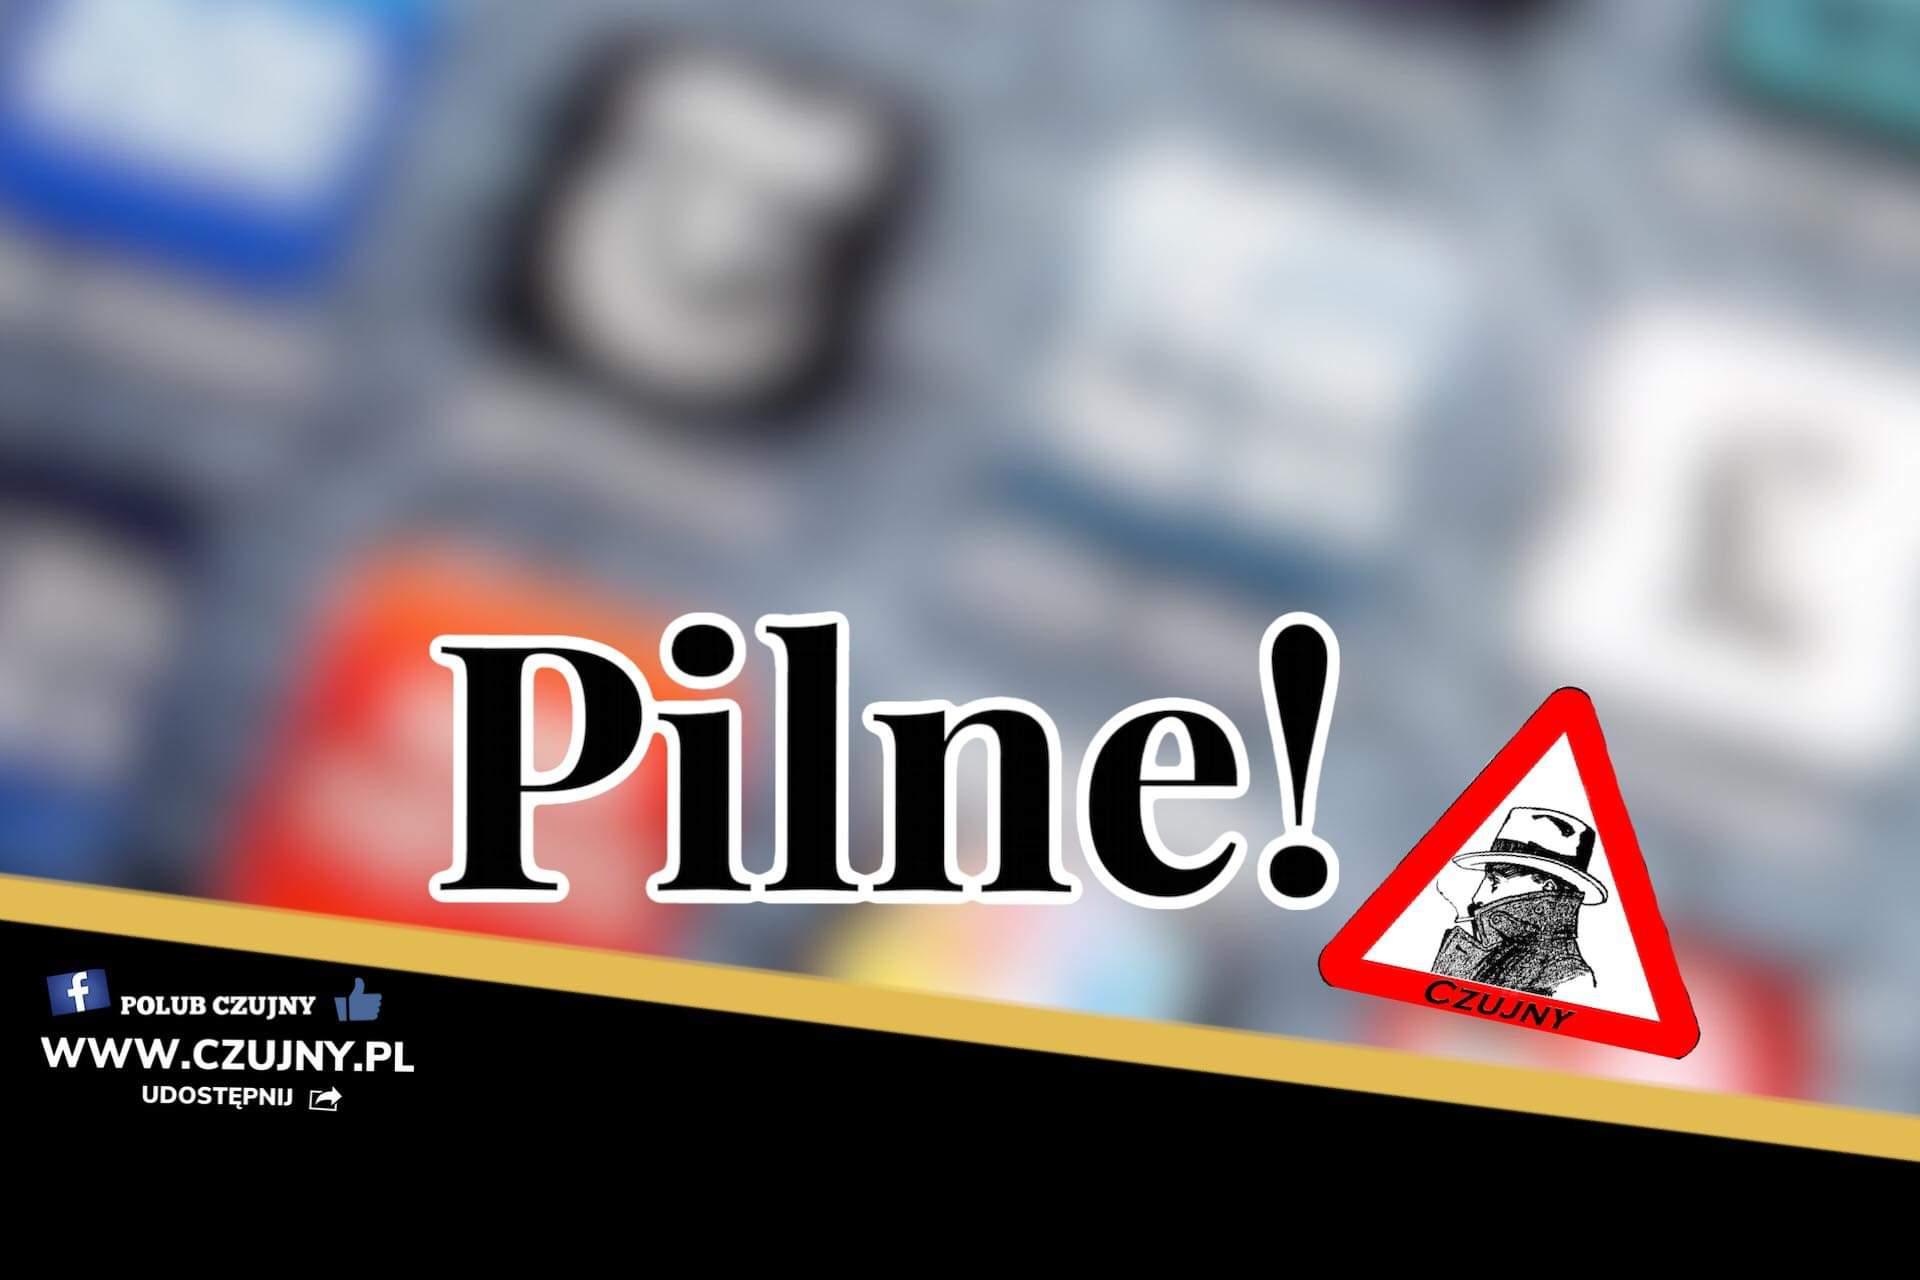 Czujny.pl zdemaskował lukę w systemie. Czy trwa gigantyczne fałszerstwo? Telefon do PKW.